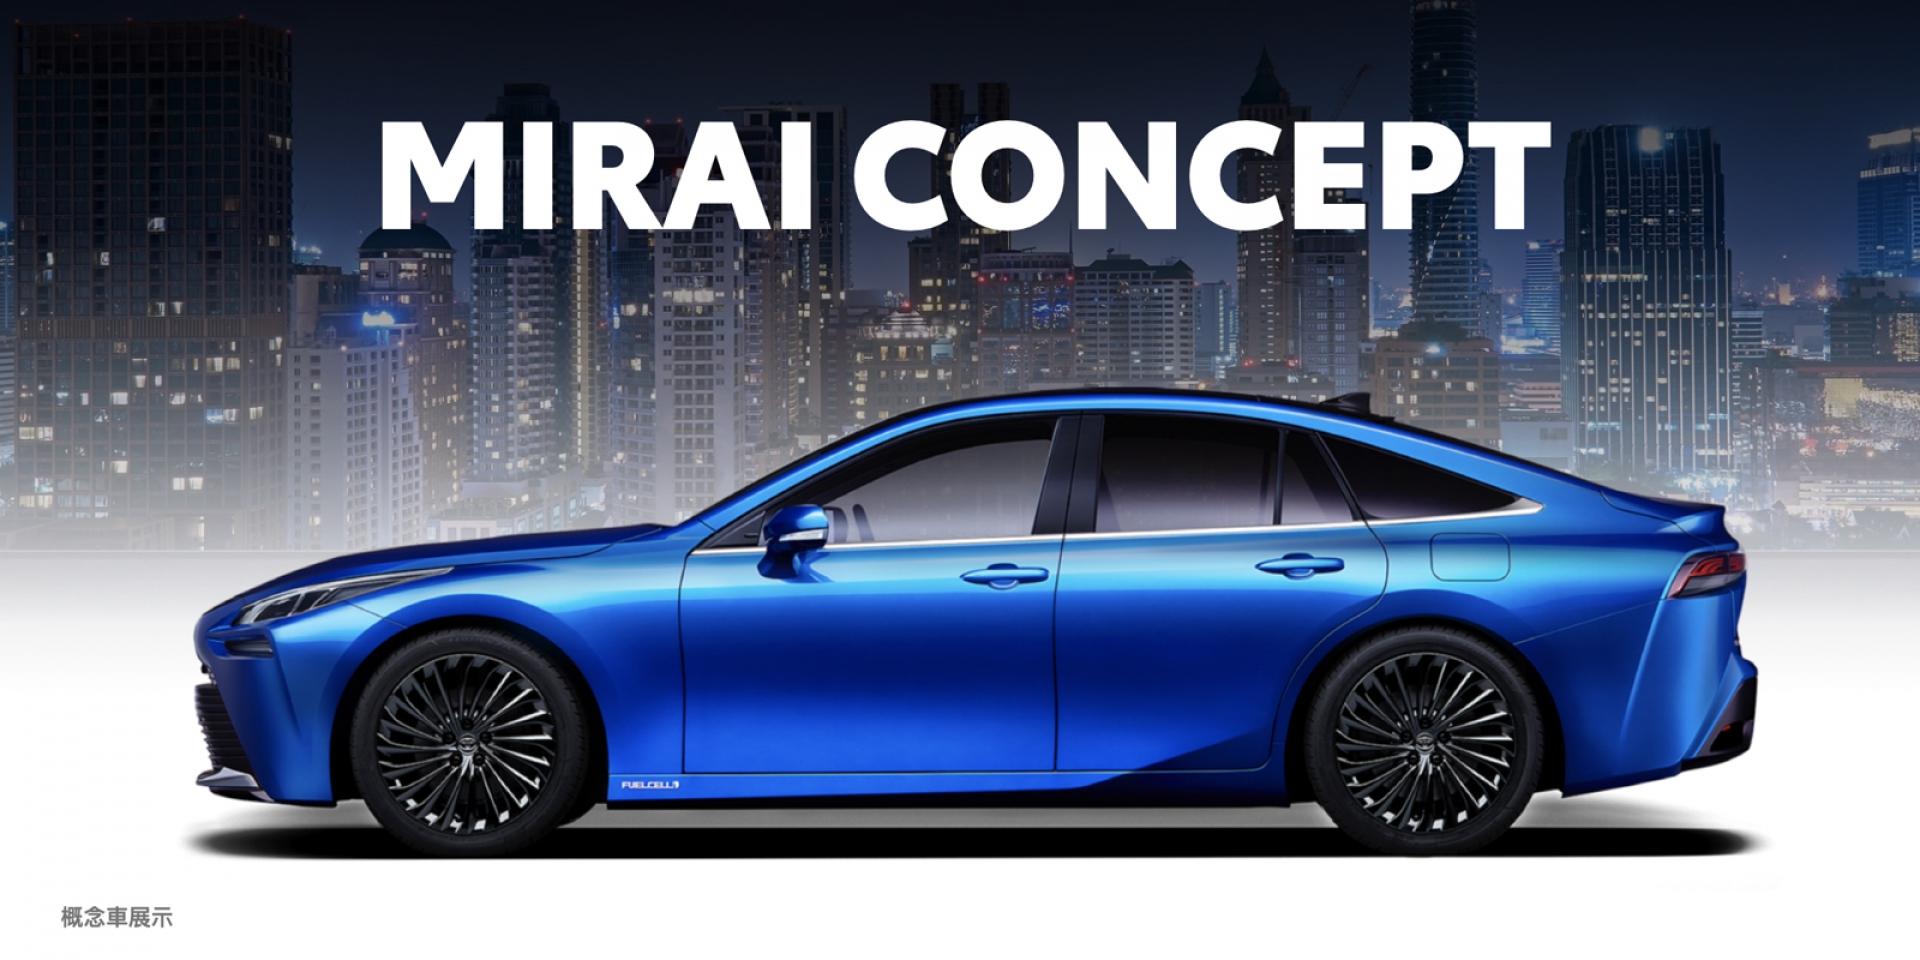 動感外型、里程增量30%,TOYOTA 第二代氫燃料車「Mirai Concept」量產前最終樣式曝光!